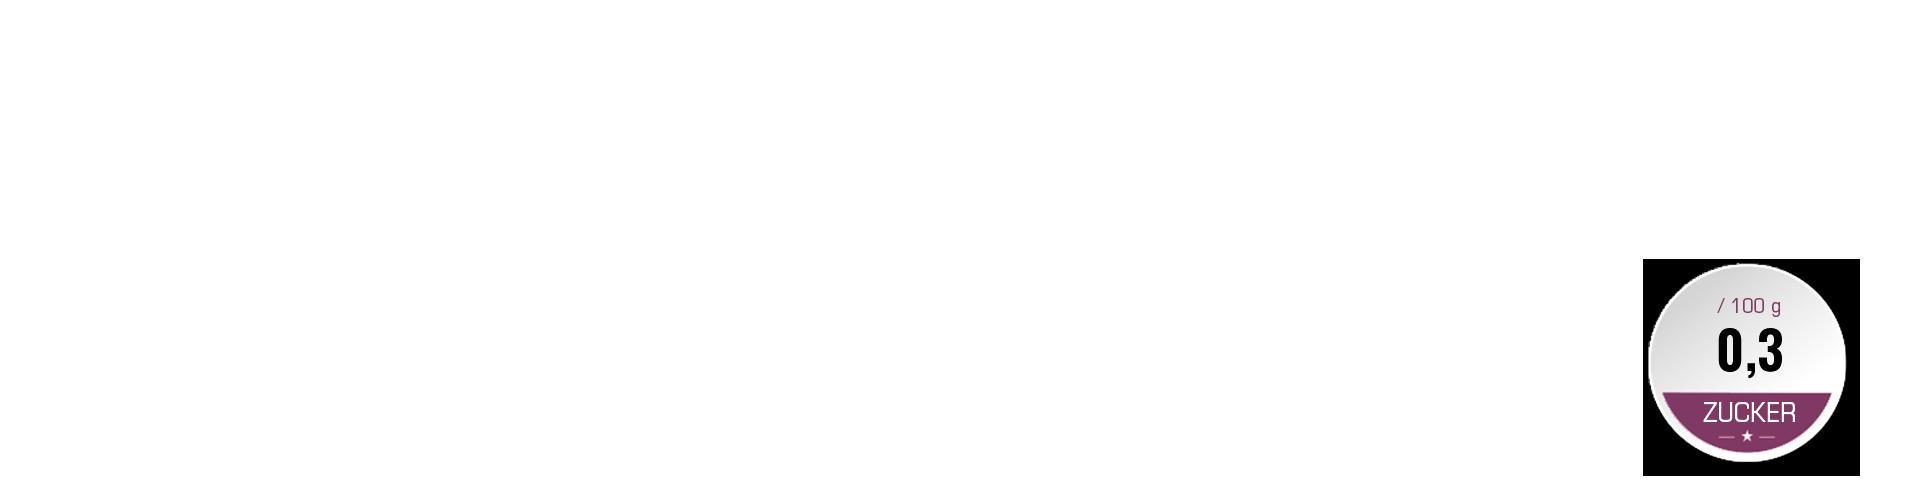 wpg-85-suedamerikanischekirsche-7.png